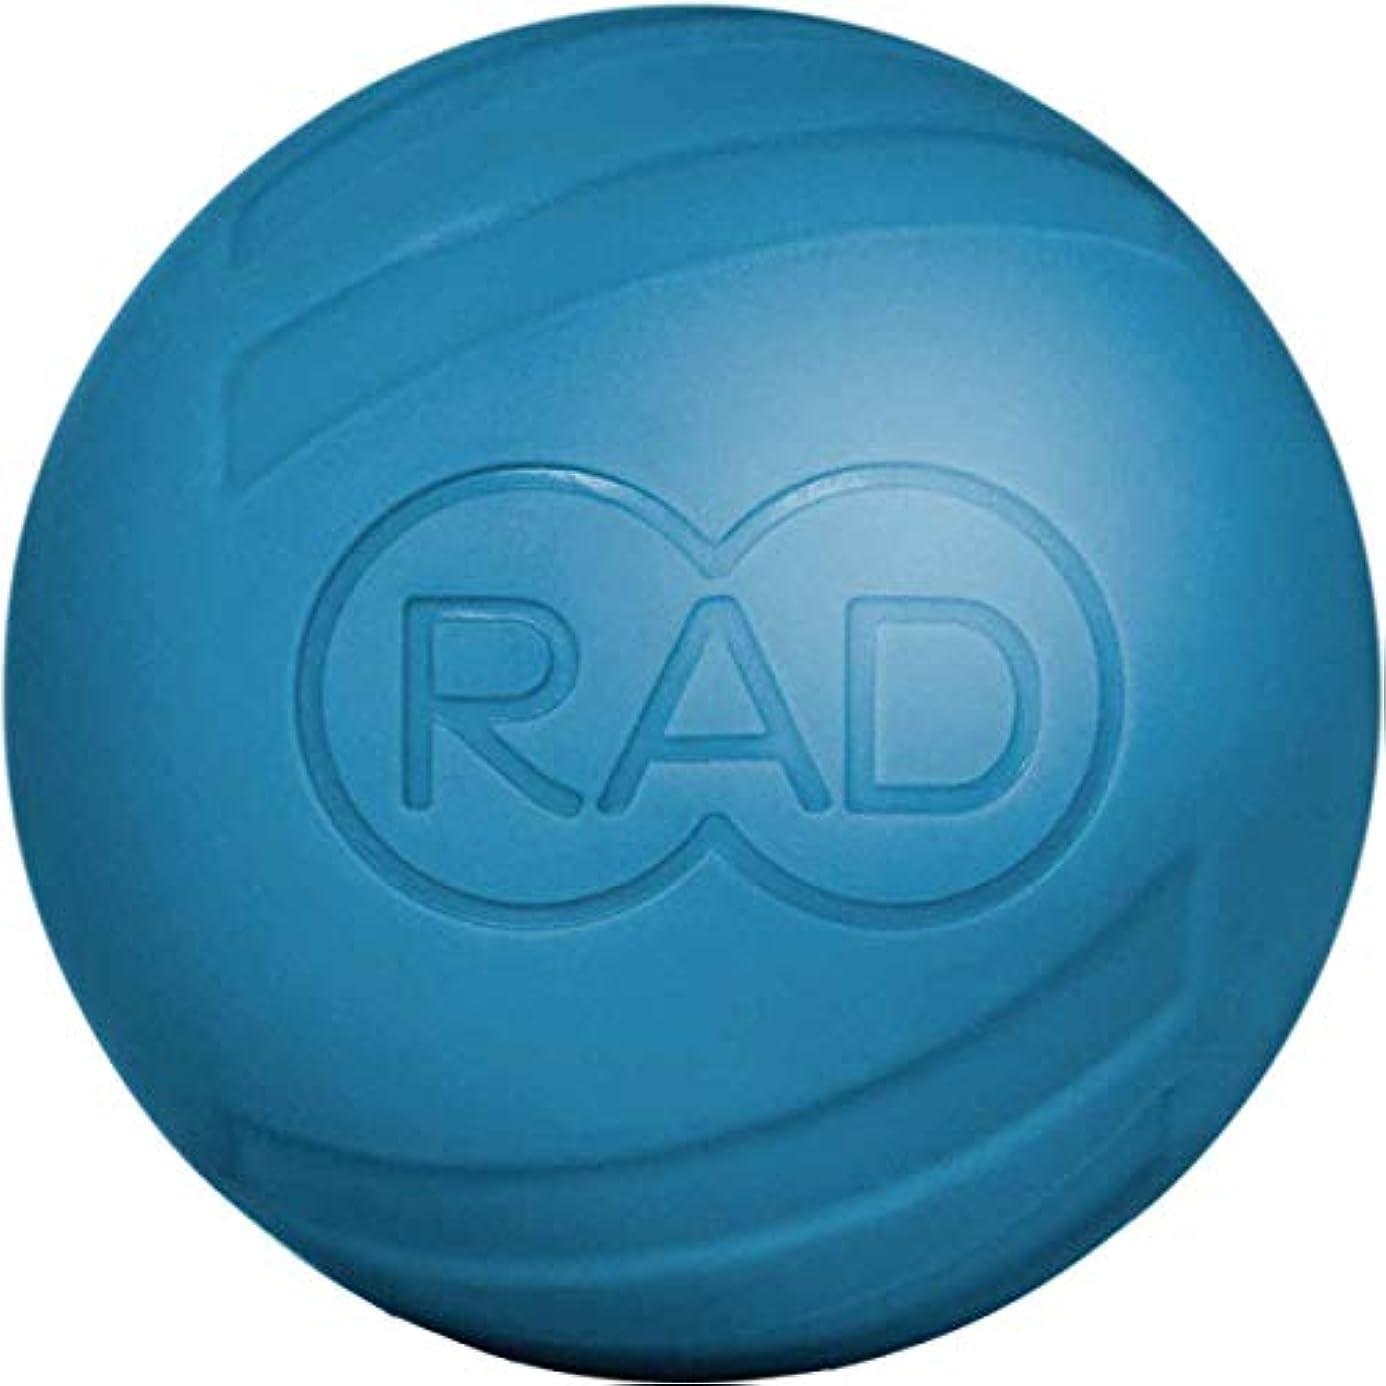 レンジトークン動物RAD アトム|高密度筋膜リリースツール|セルフマッサージで可動性と回復を促します